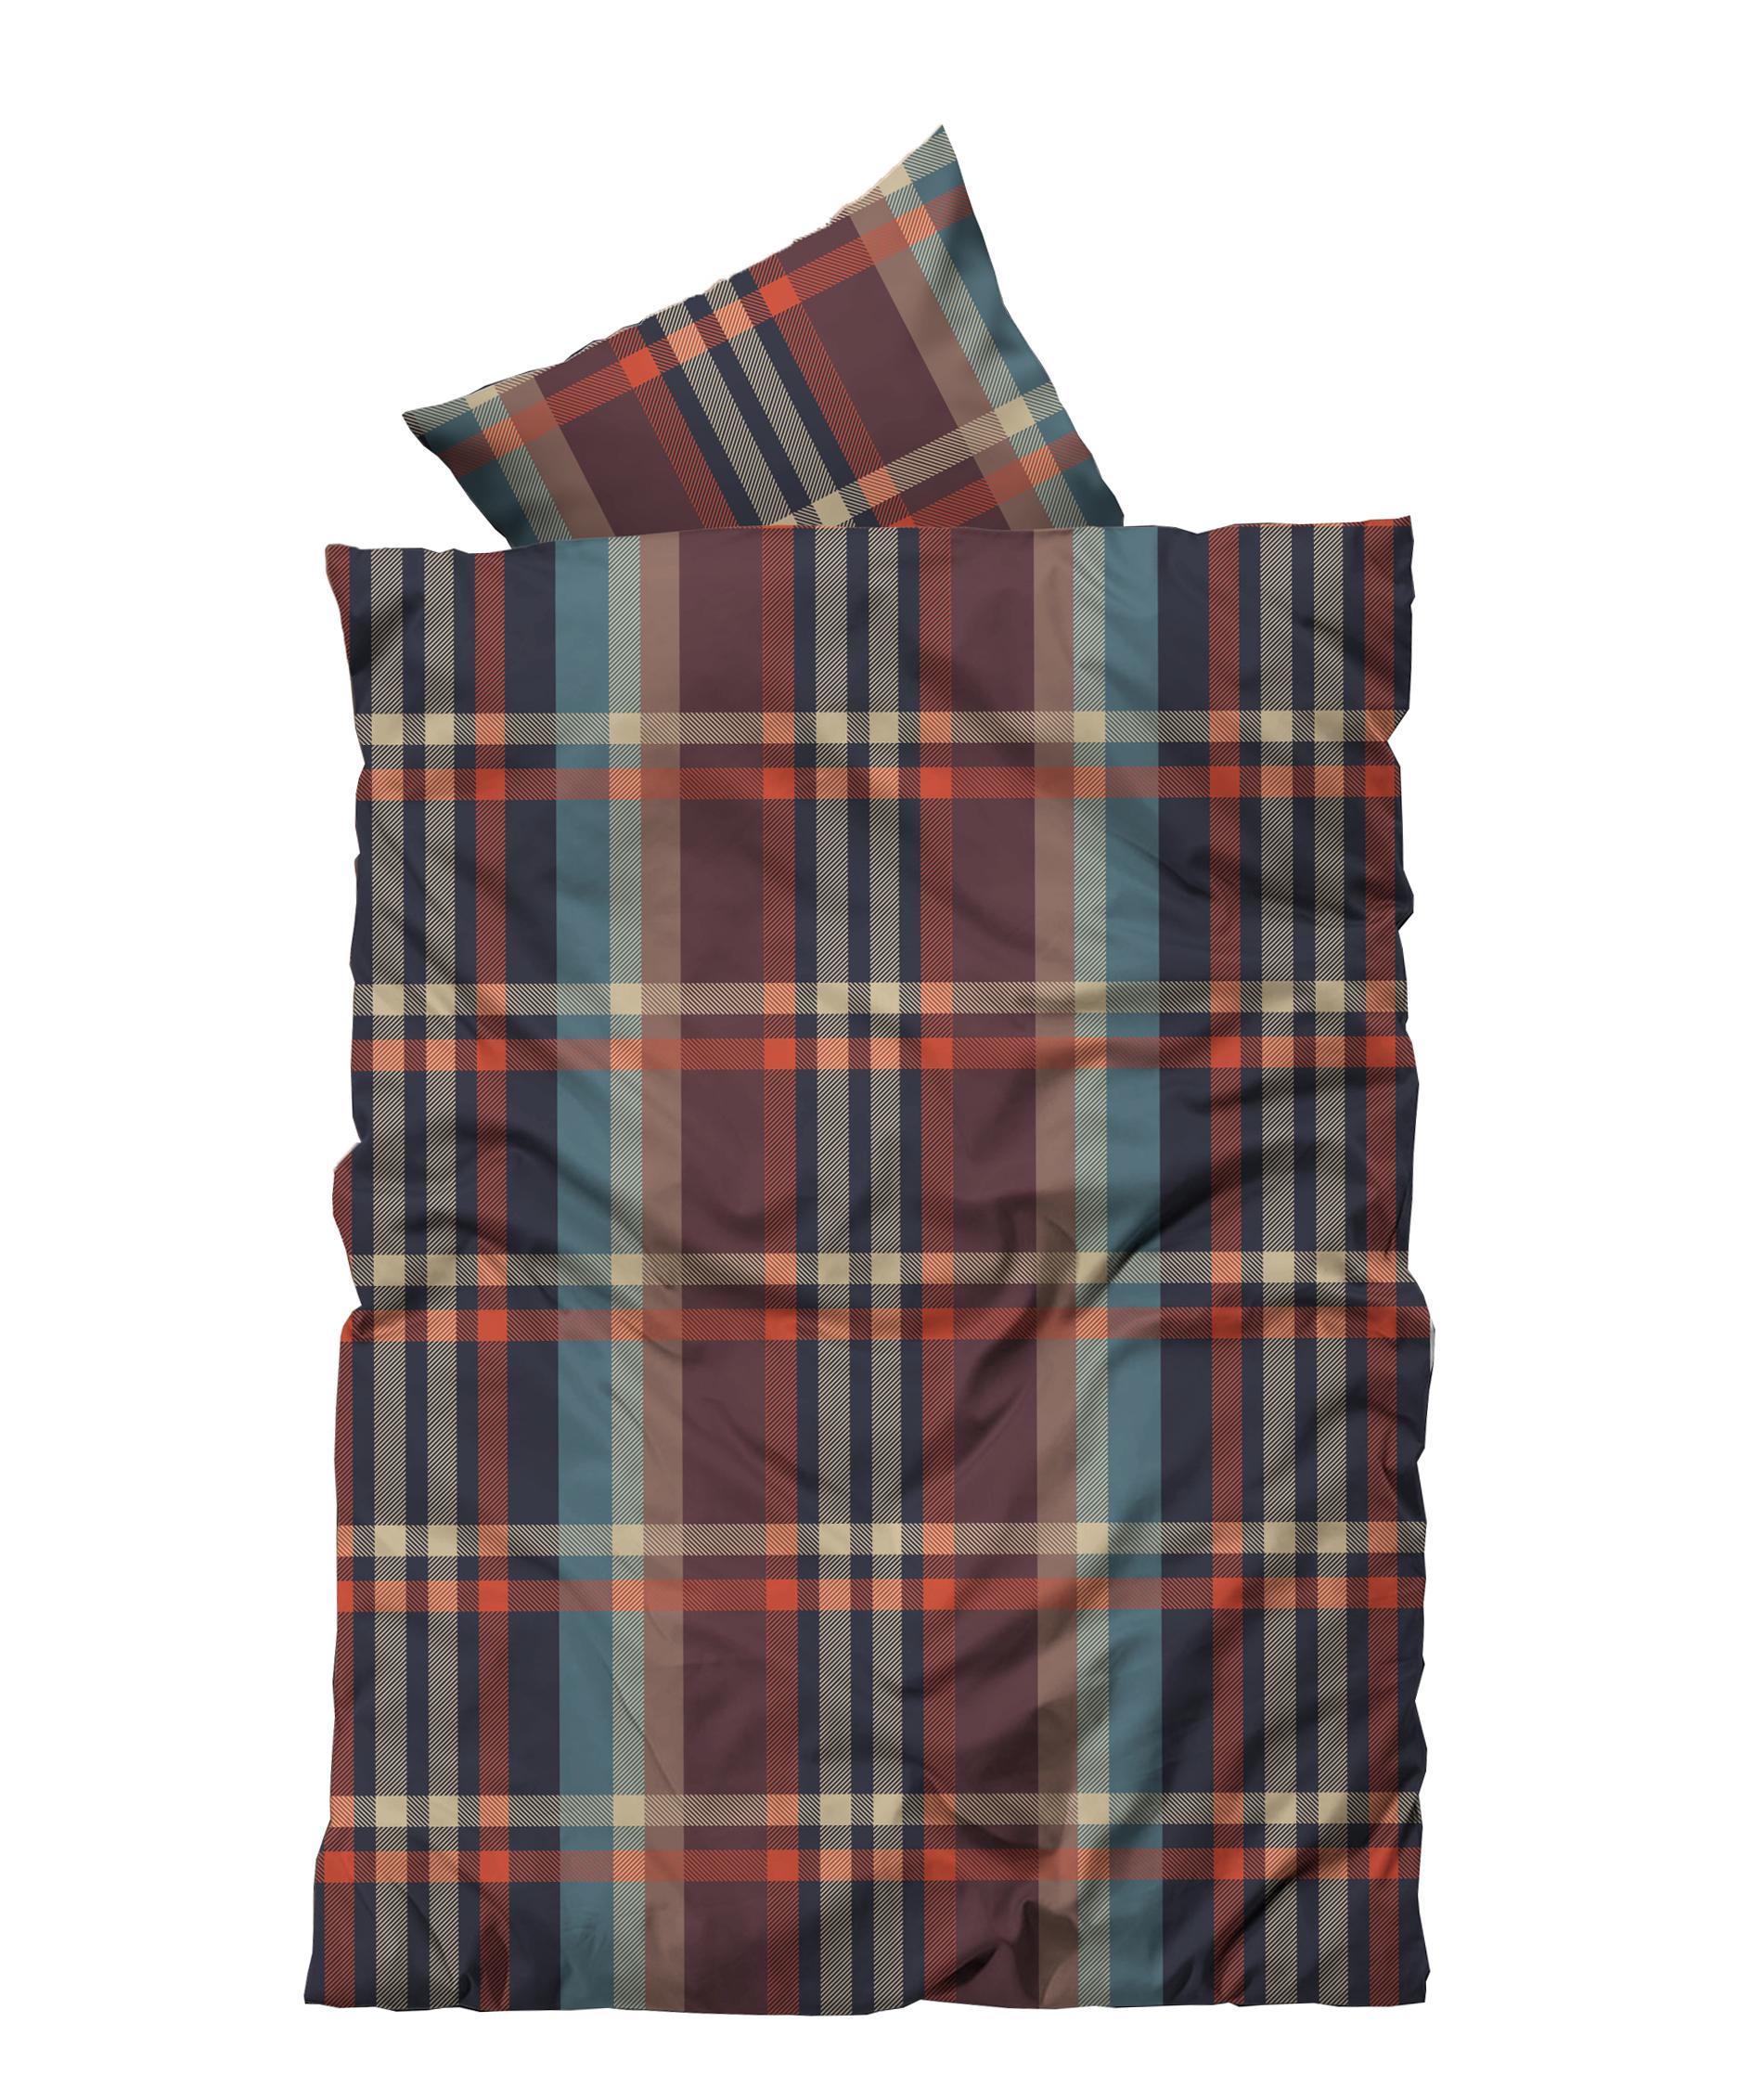 4 tlg flausch bettw sche 135 x 200 cm winter karo braun thermofleece amazon bettw sche set. Black Bedroom Furniture Sets. Home Design Ideas